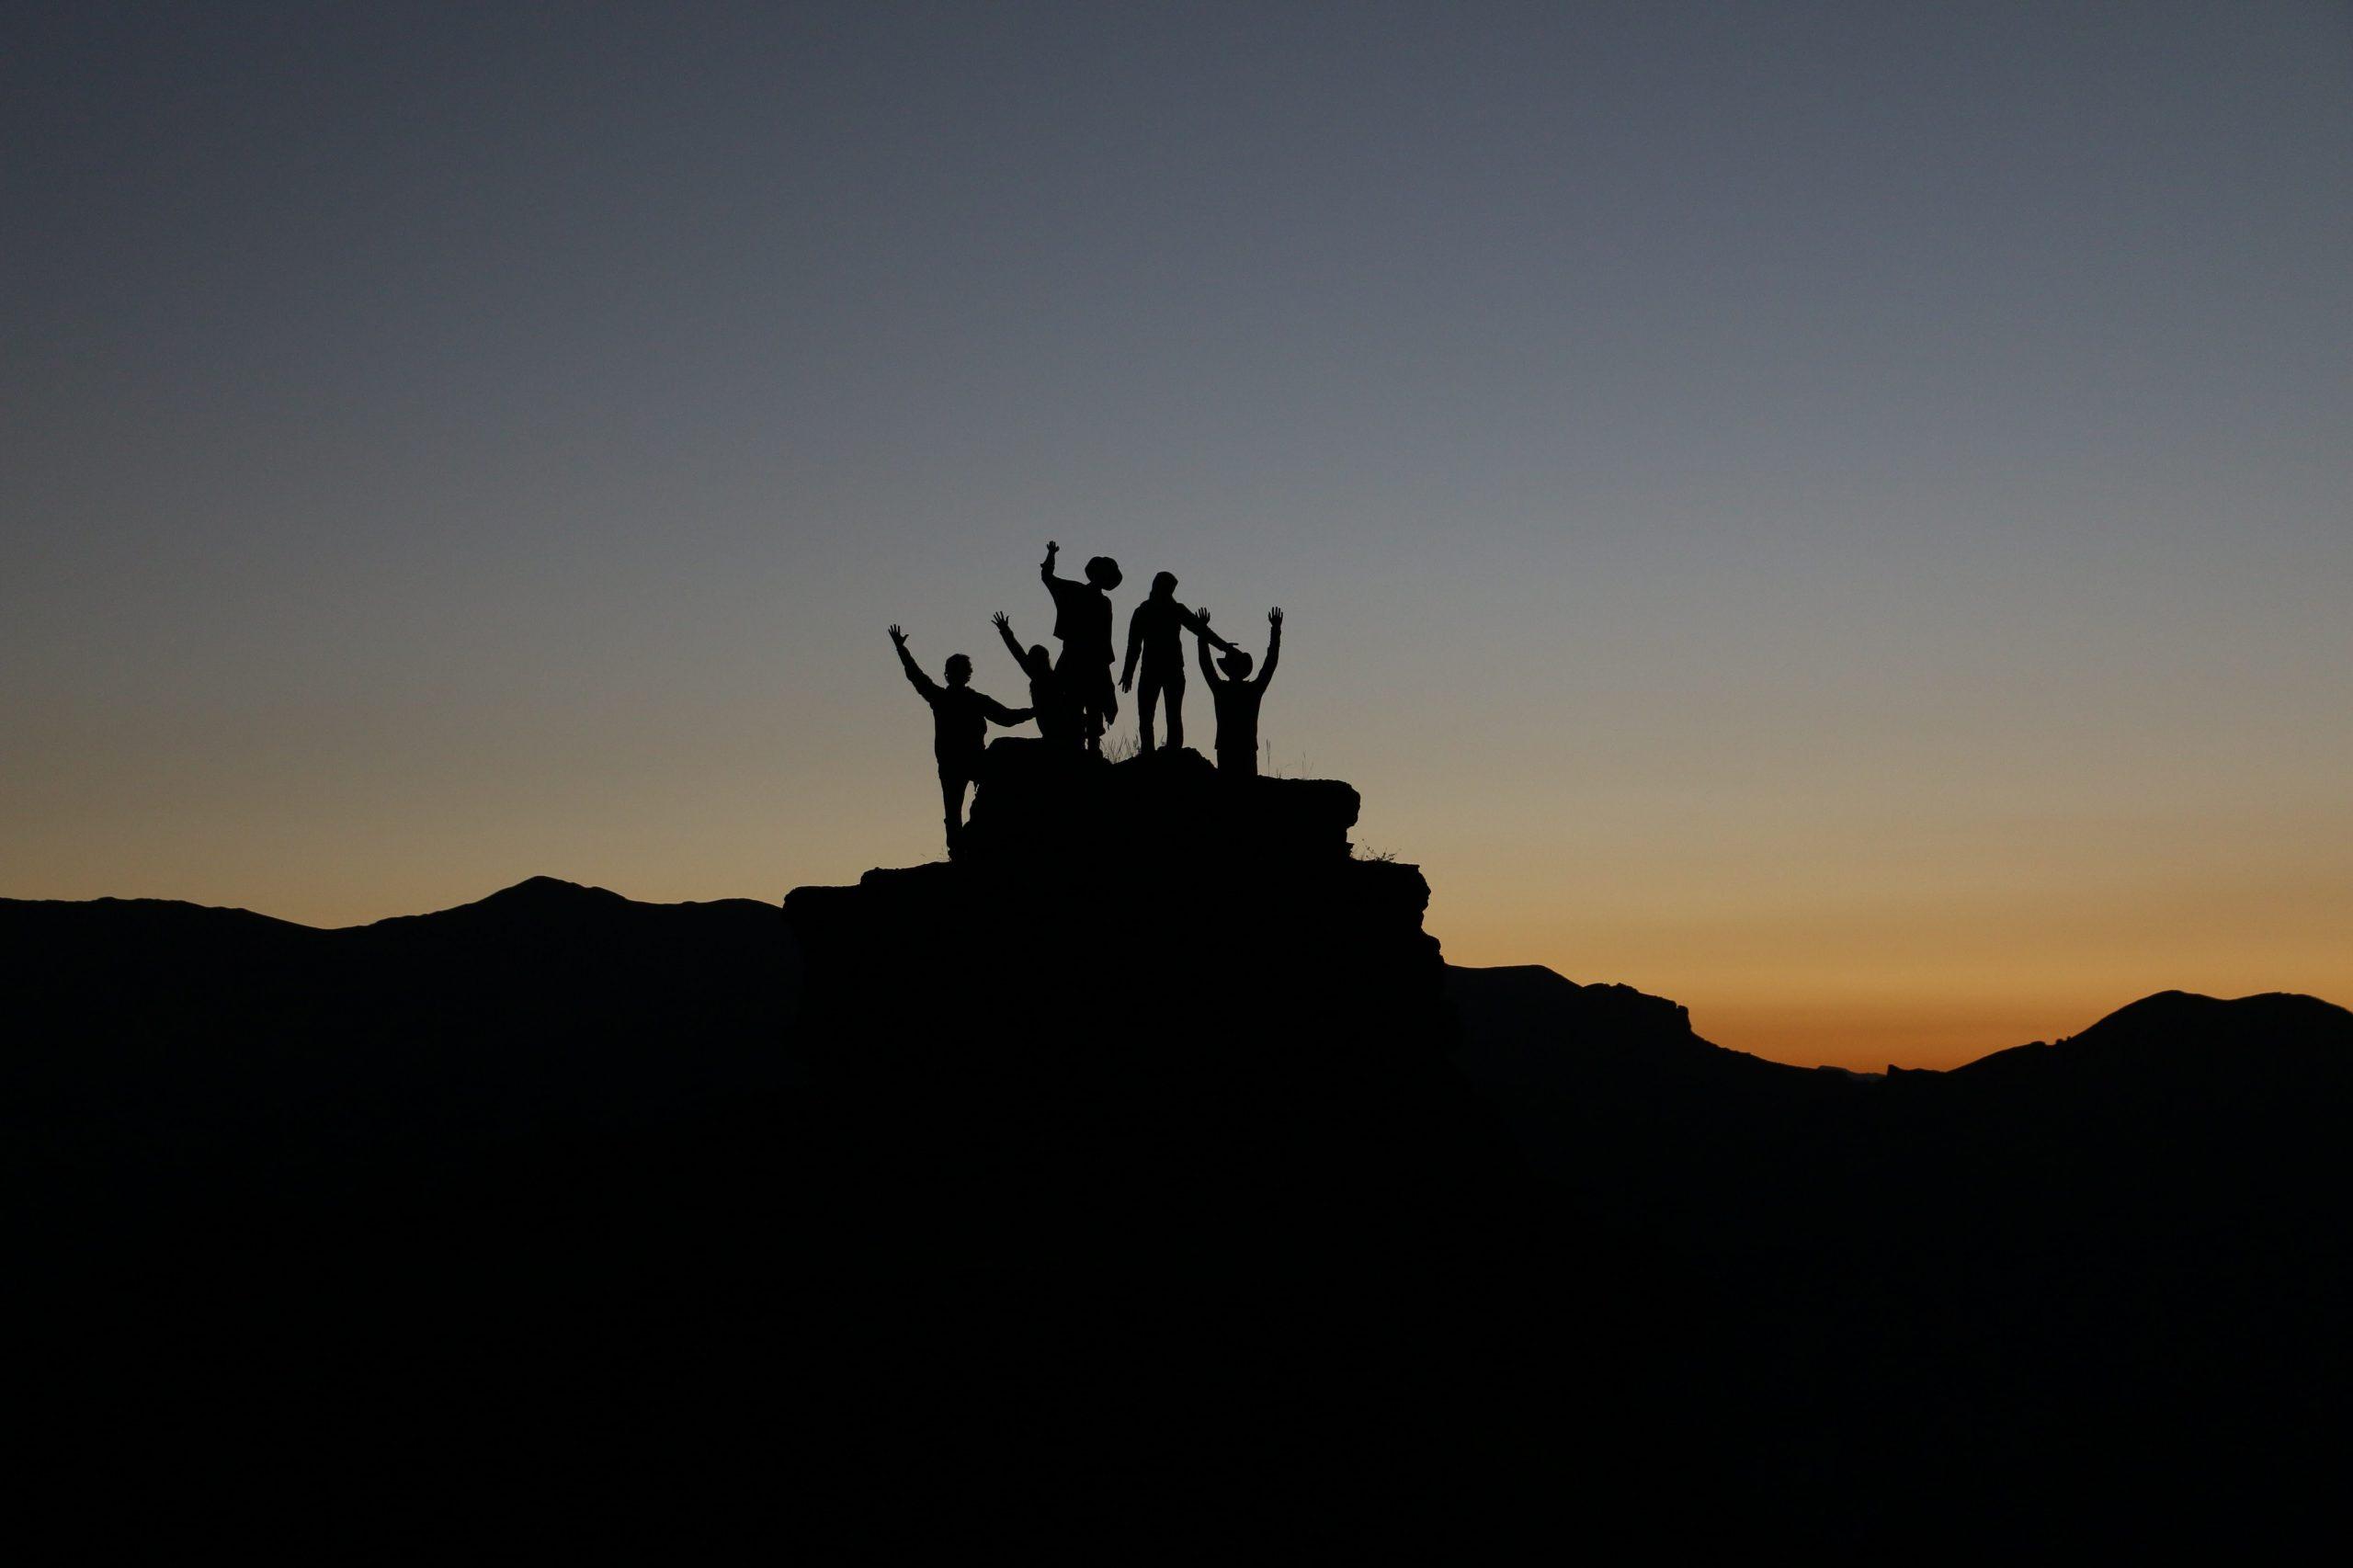 Ein 5-köpfiges Team erklimmt in der Abenddämmerung einen Berggipfel und feiert gemeinsam seinen Erfolg. Die Szene ist nur als Silhouette zu sehen und die Personen reißen freudig die Arme in die Höhe.